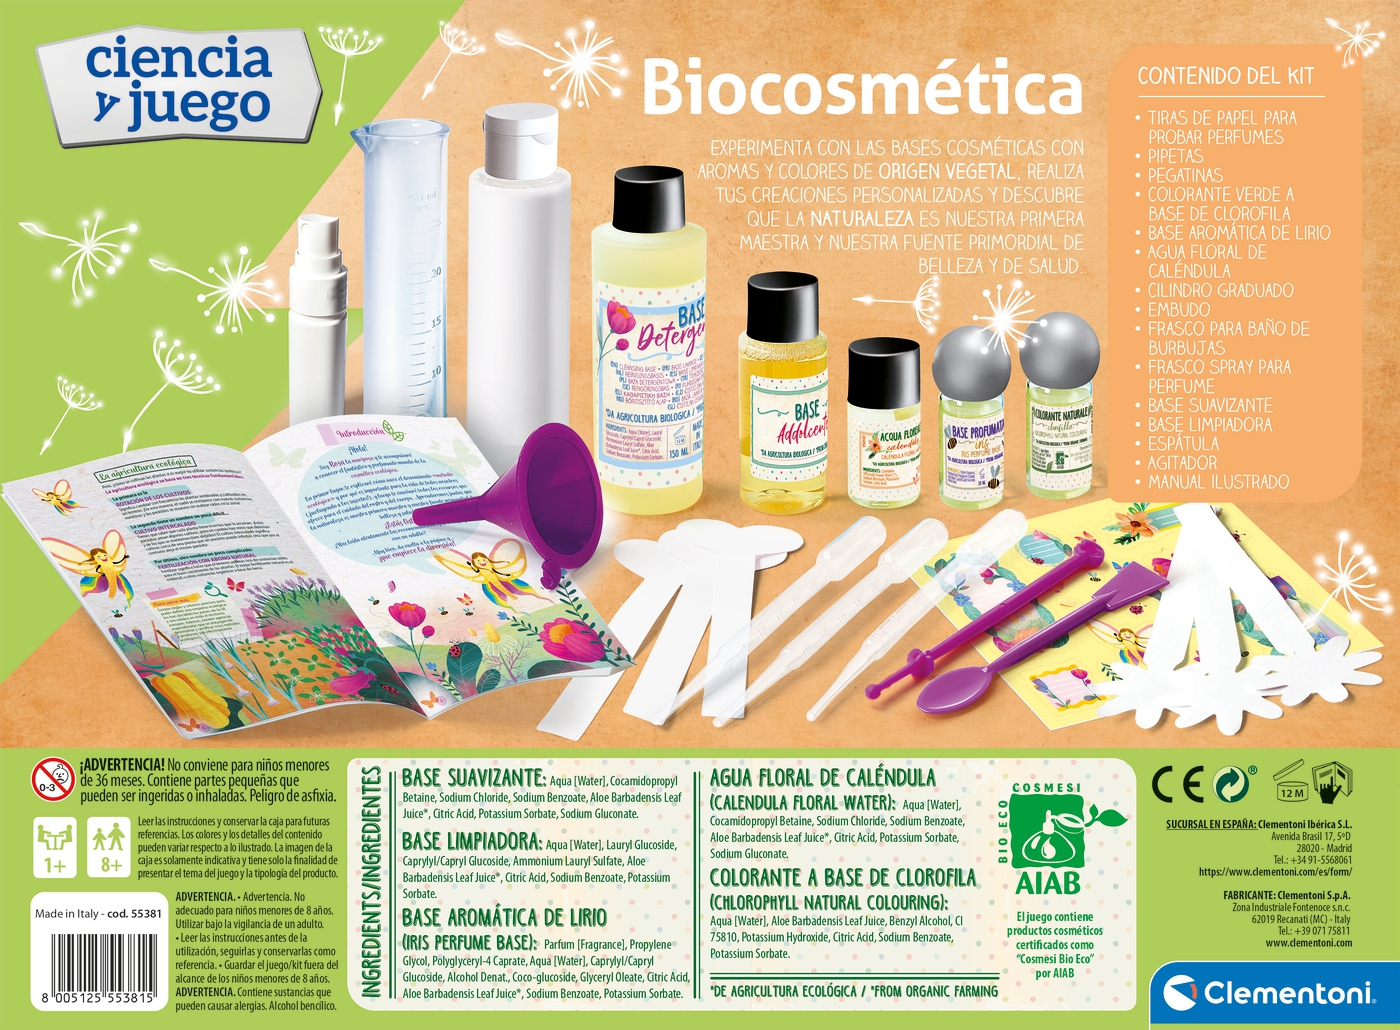 BIOCOSMETICA 55381 - N22820